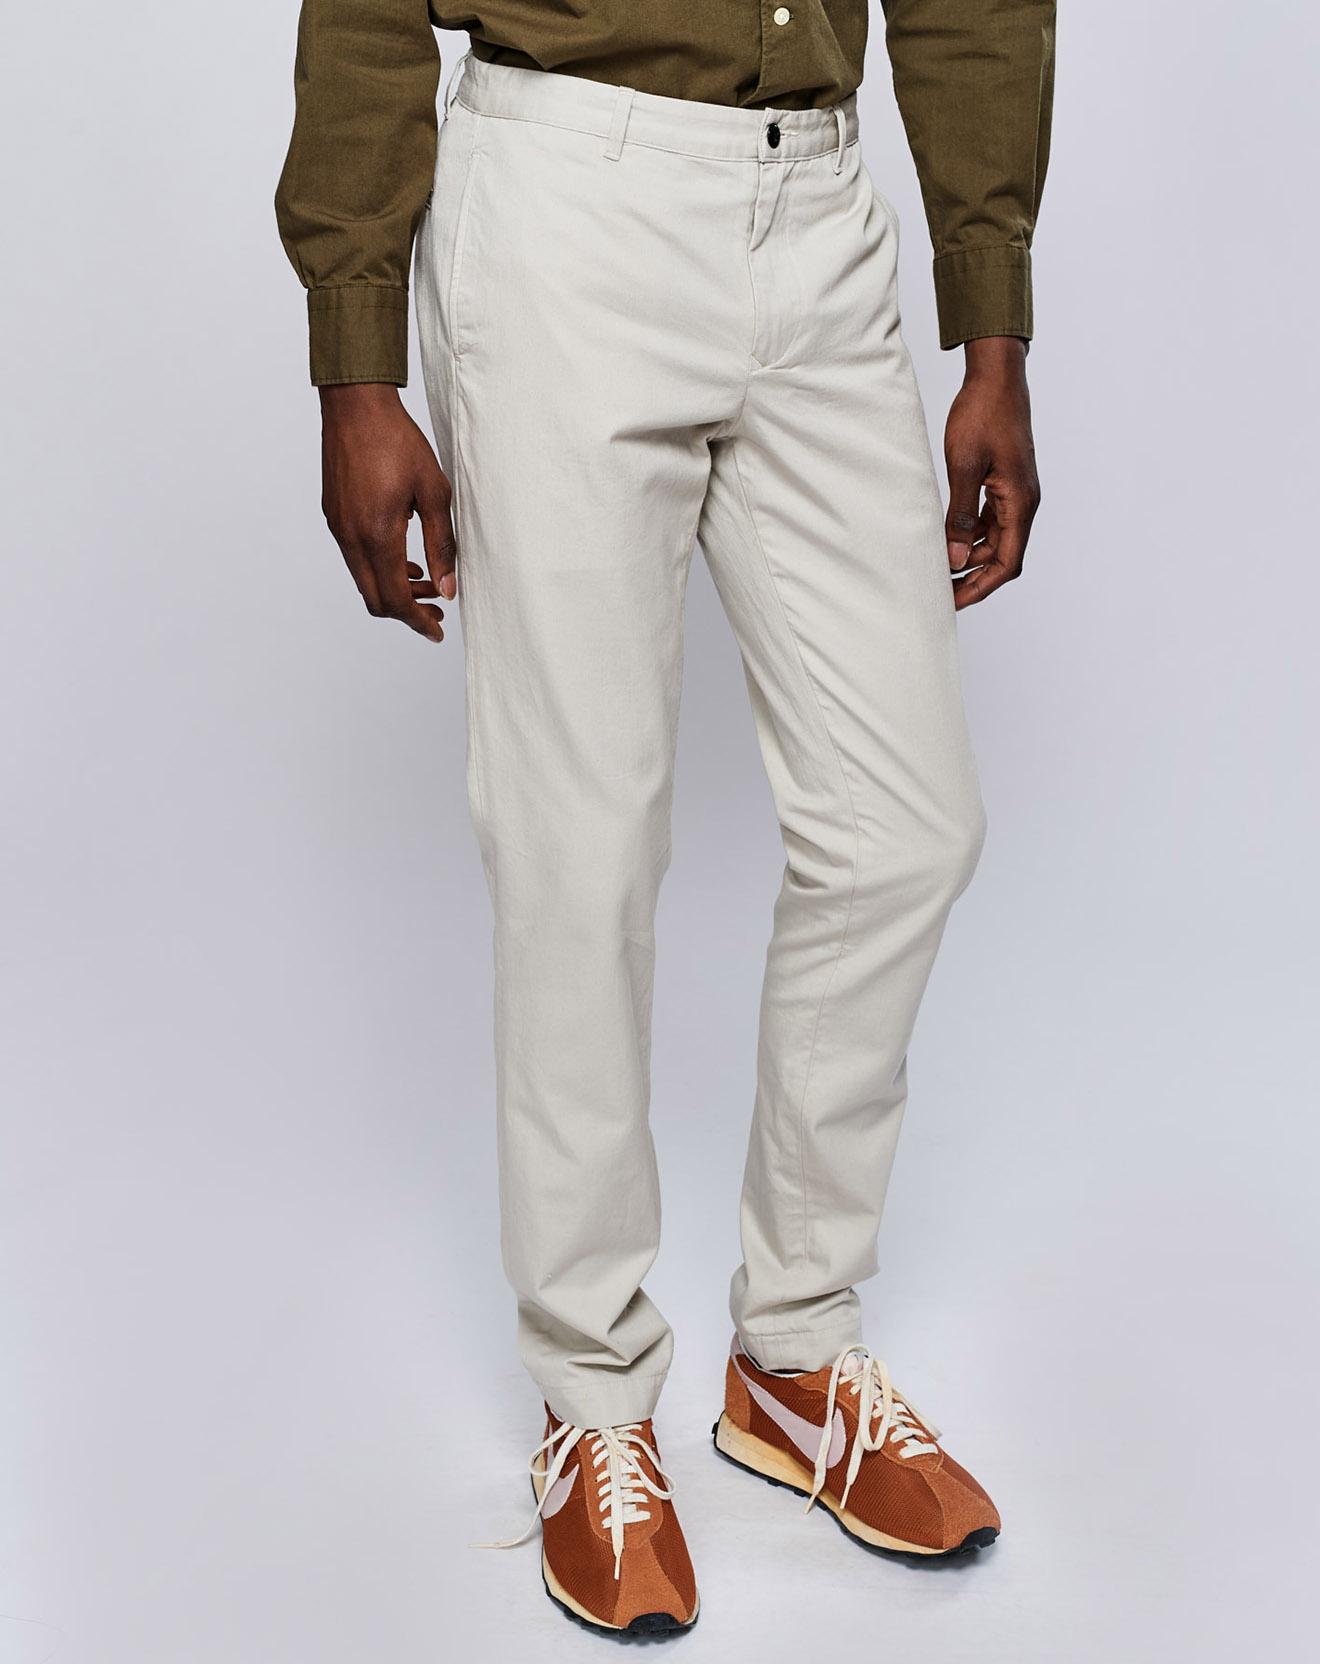 Pantalon Porth craie